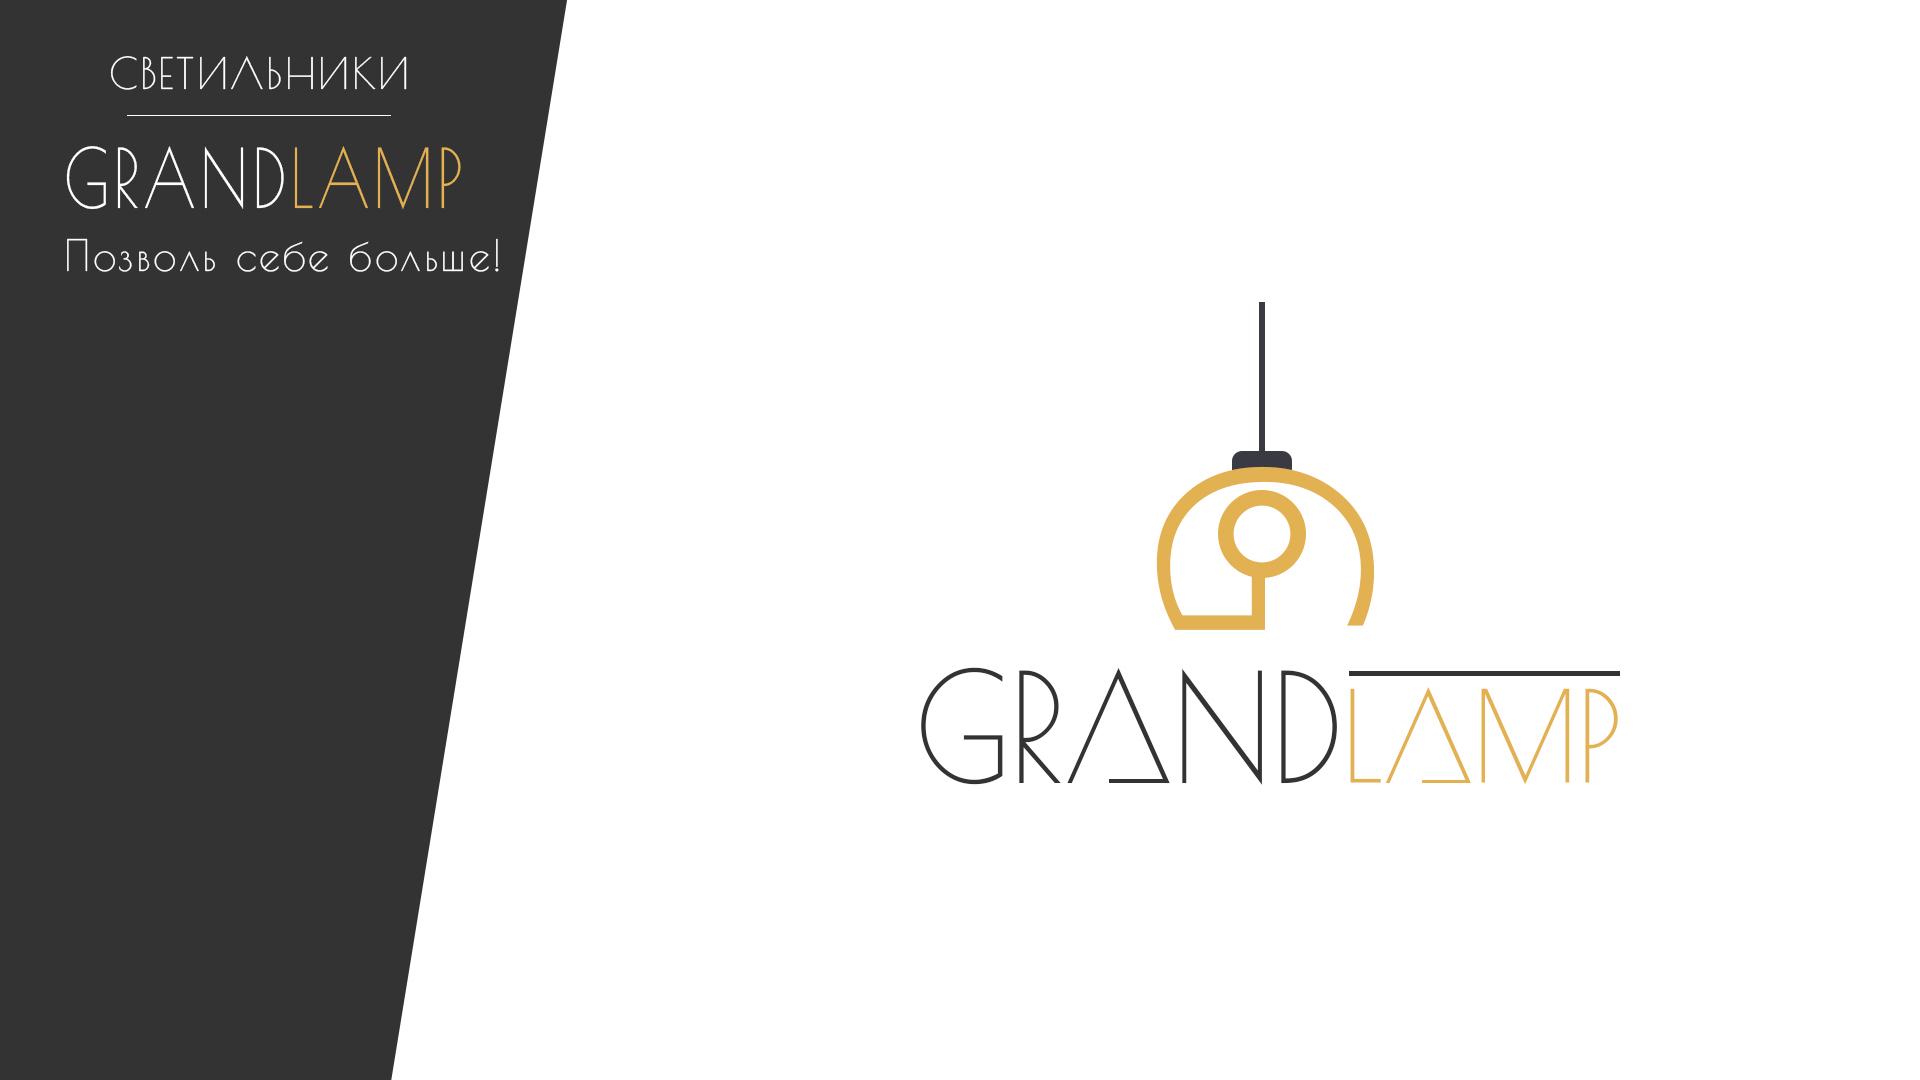 Разработка логотипа и элементов фирменного стиля фото f_04157deda1f3968d.jpg